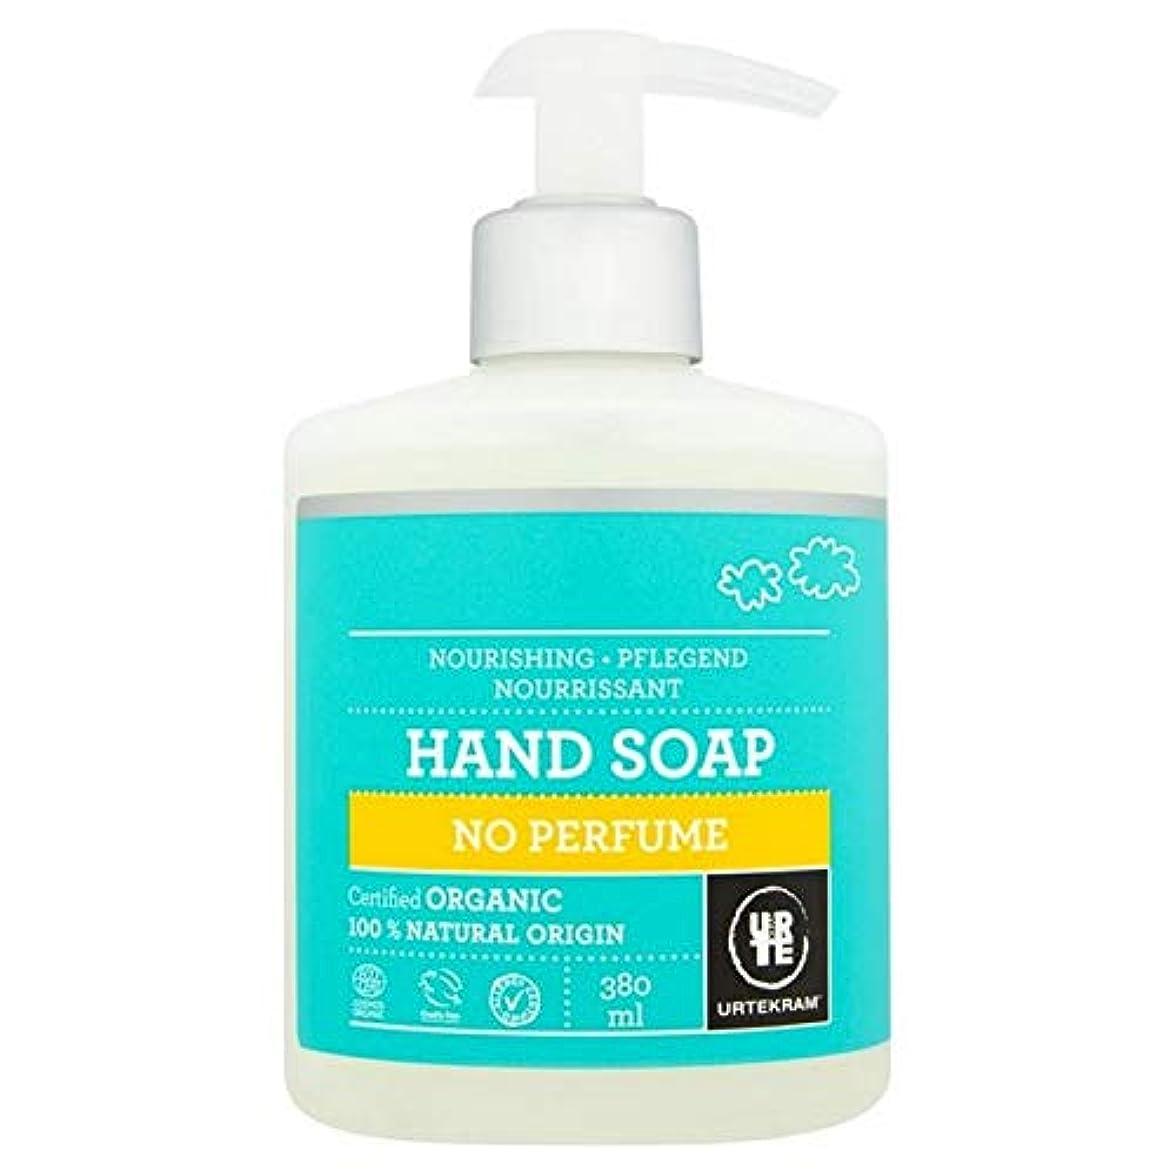 盆地気楽なクレーター[Urtekram] 何の香水、液体ハンドソープ380ミリリットルをUrtekramありません - Urtekram No Perfume Liquid Hand Soap 380ml [並行輸入品]